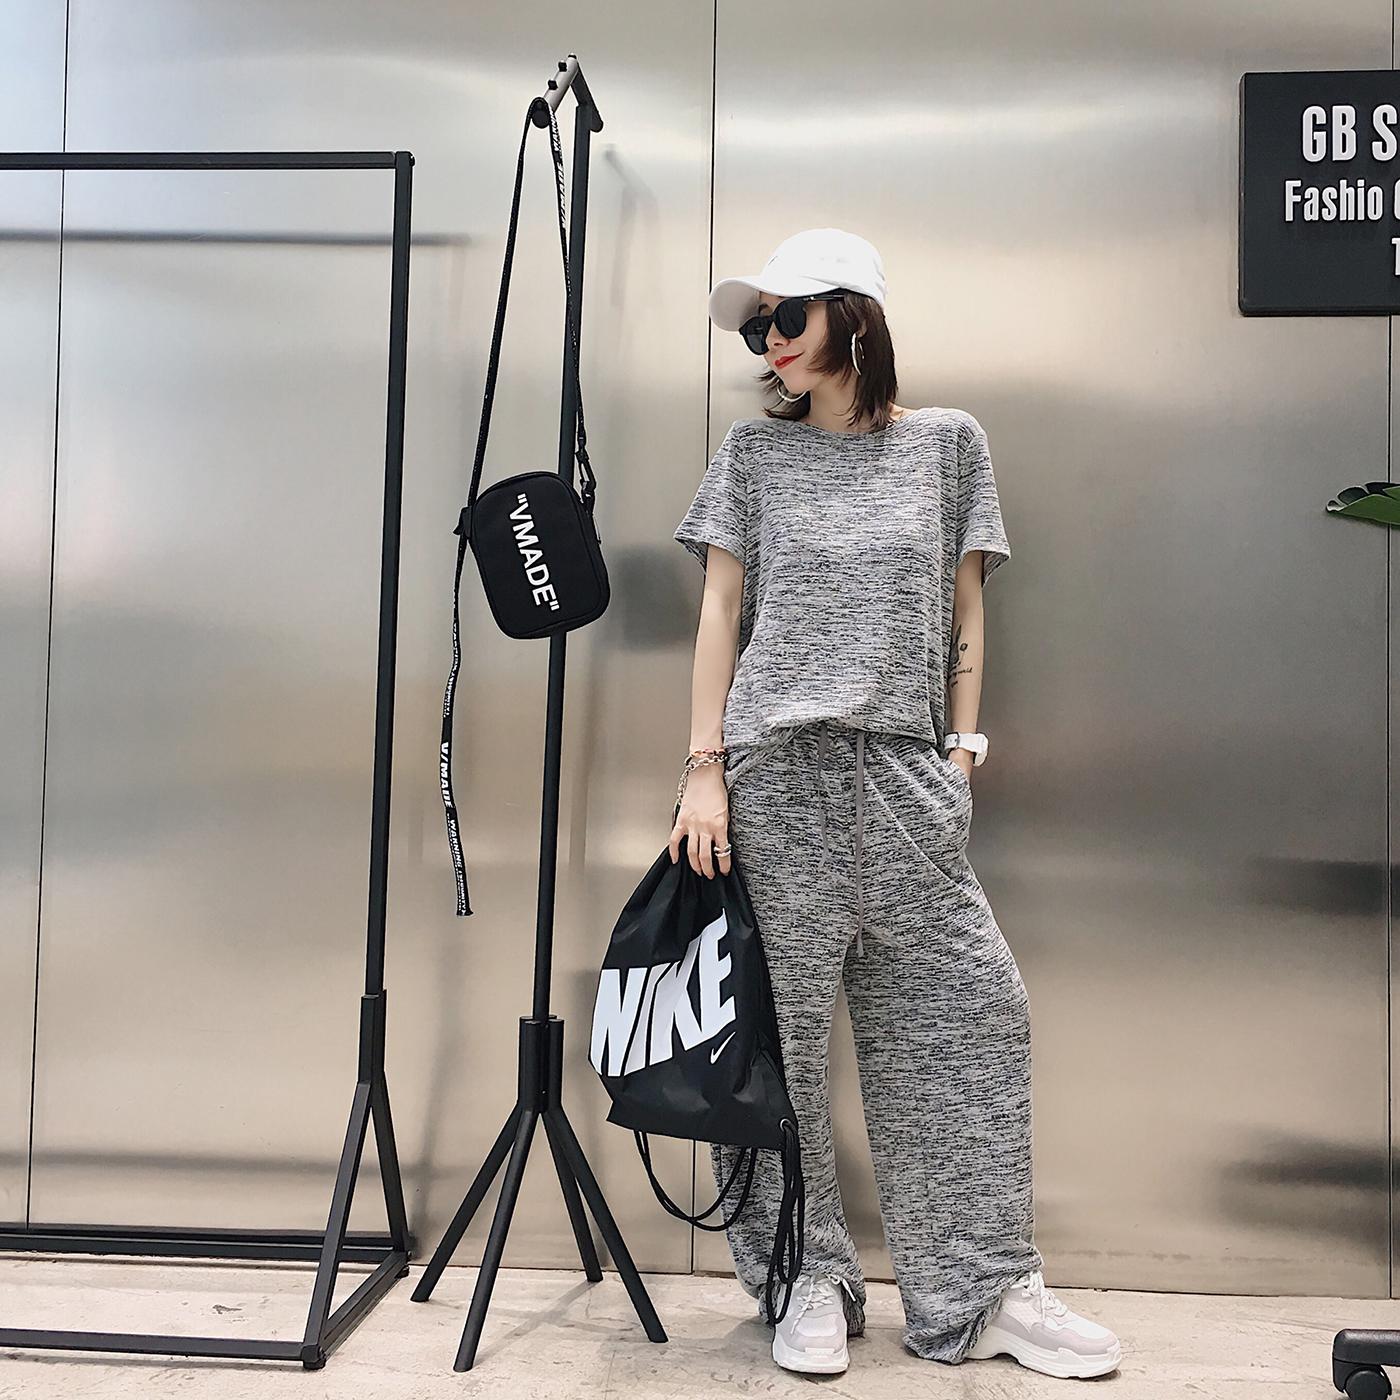 甜心家修身弹力针织t恤短裤运动三件套装女装街头风2018夏装新款